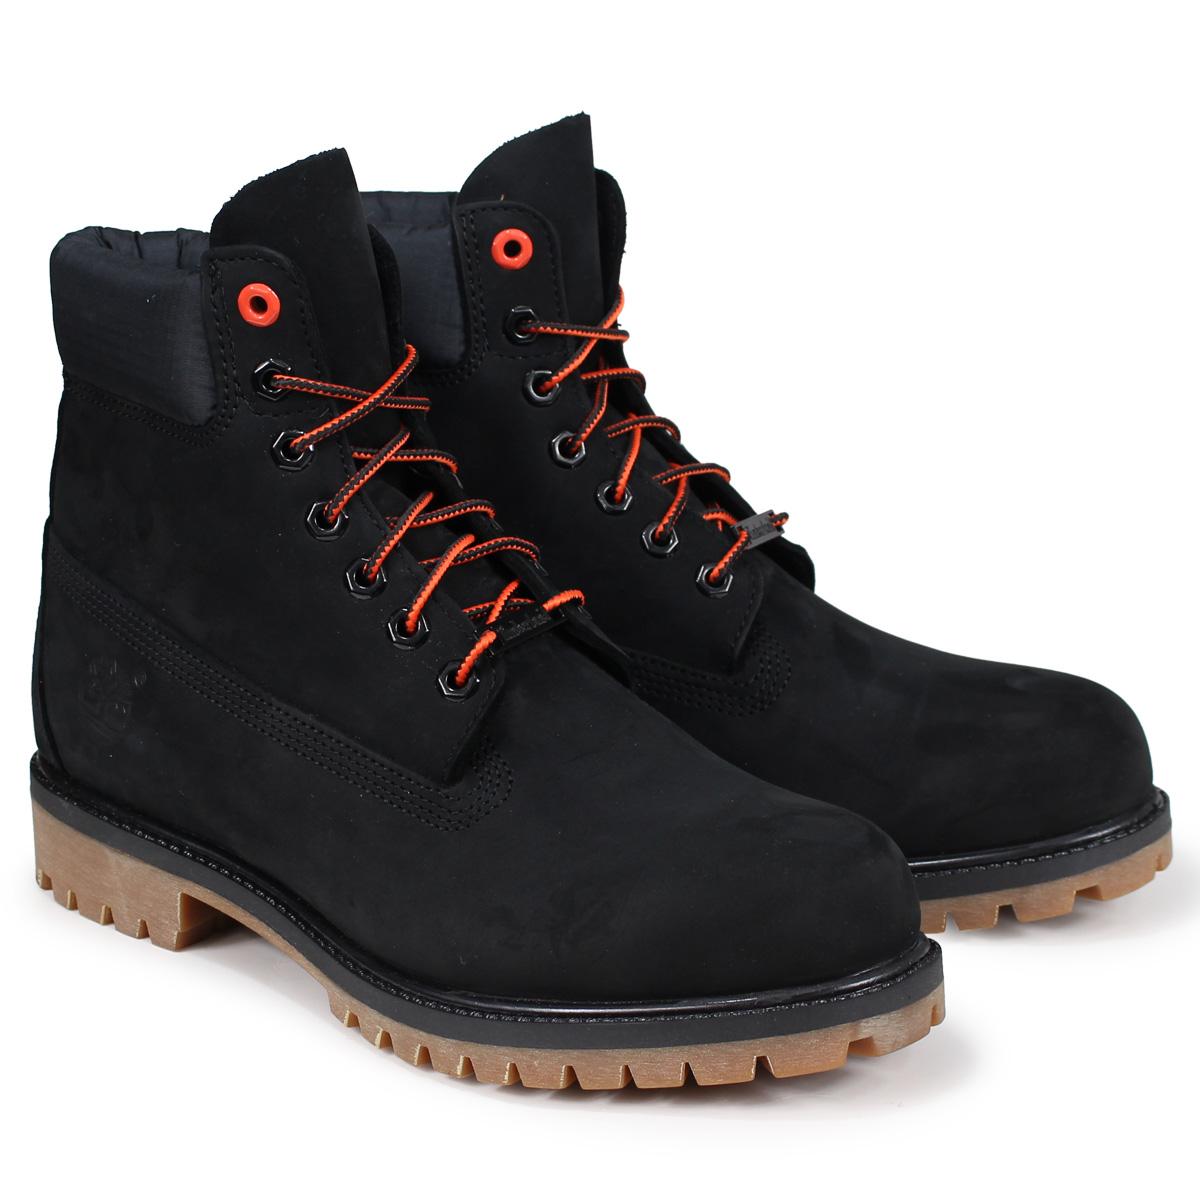 Timberland 6-INCH PREMIUM BOOTS ティンバーランド ブーツ メンズ 6インチ A1U7M Wワイズ ブラック